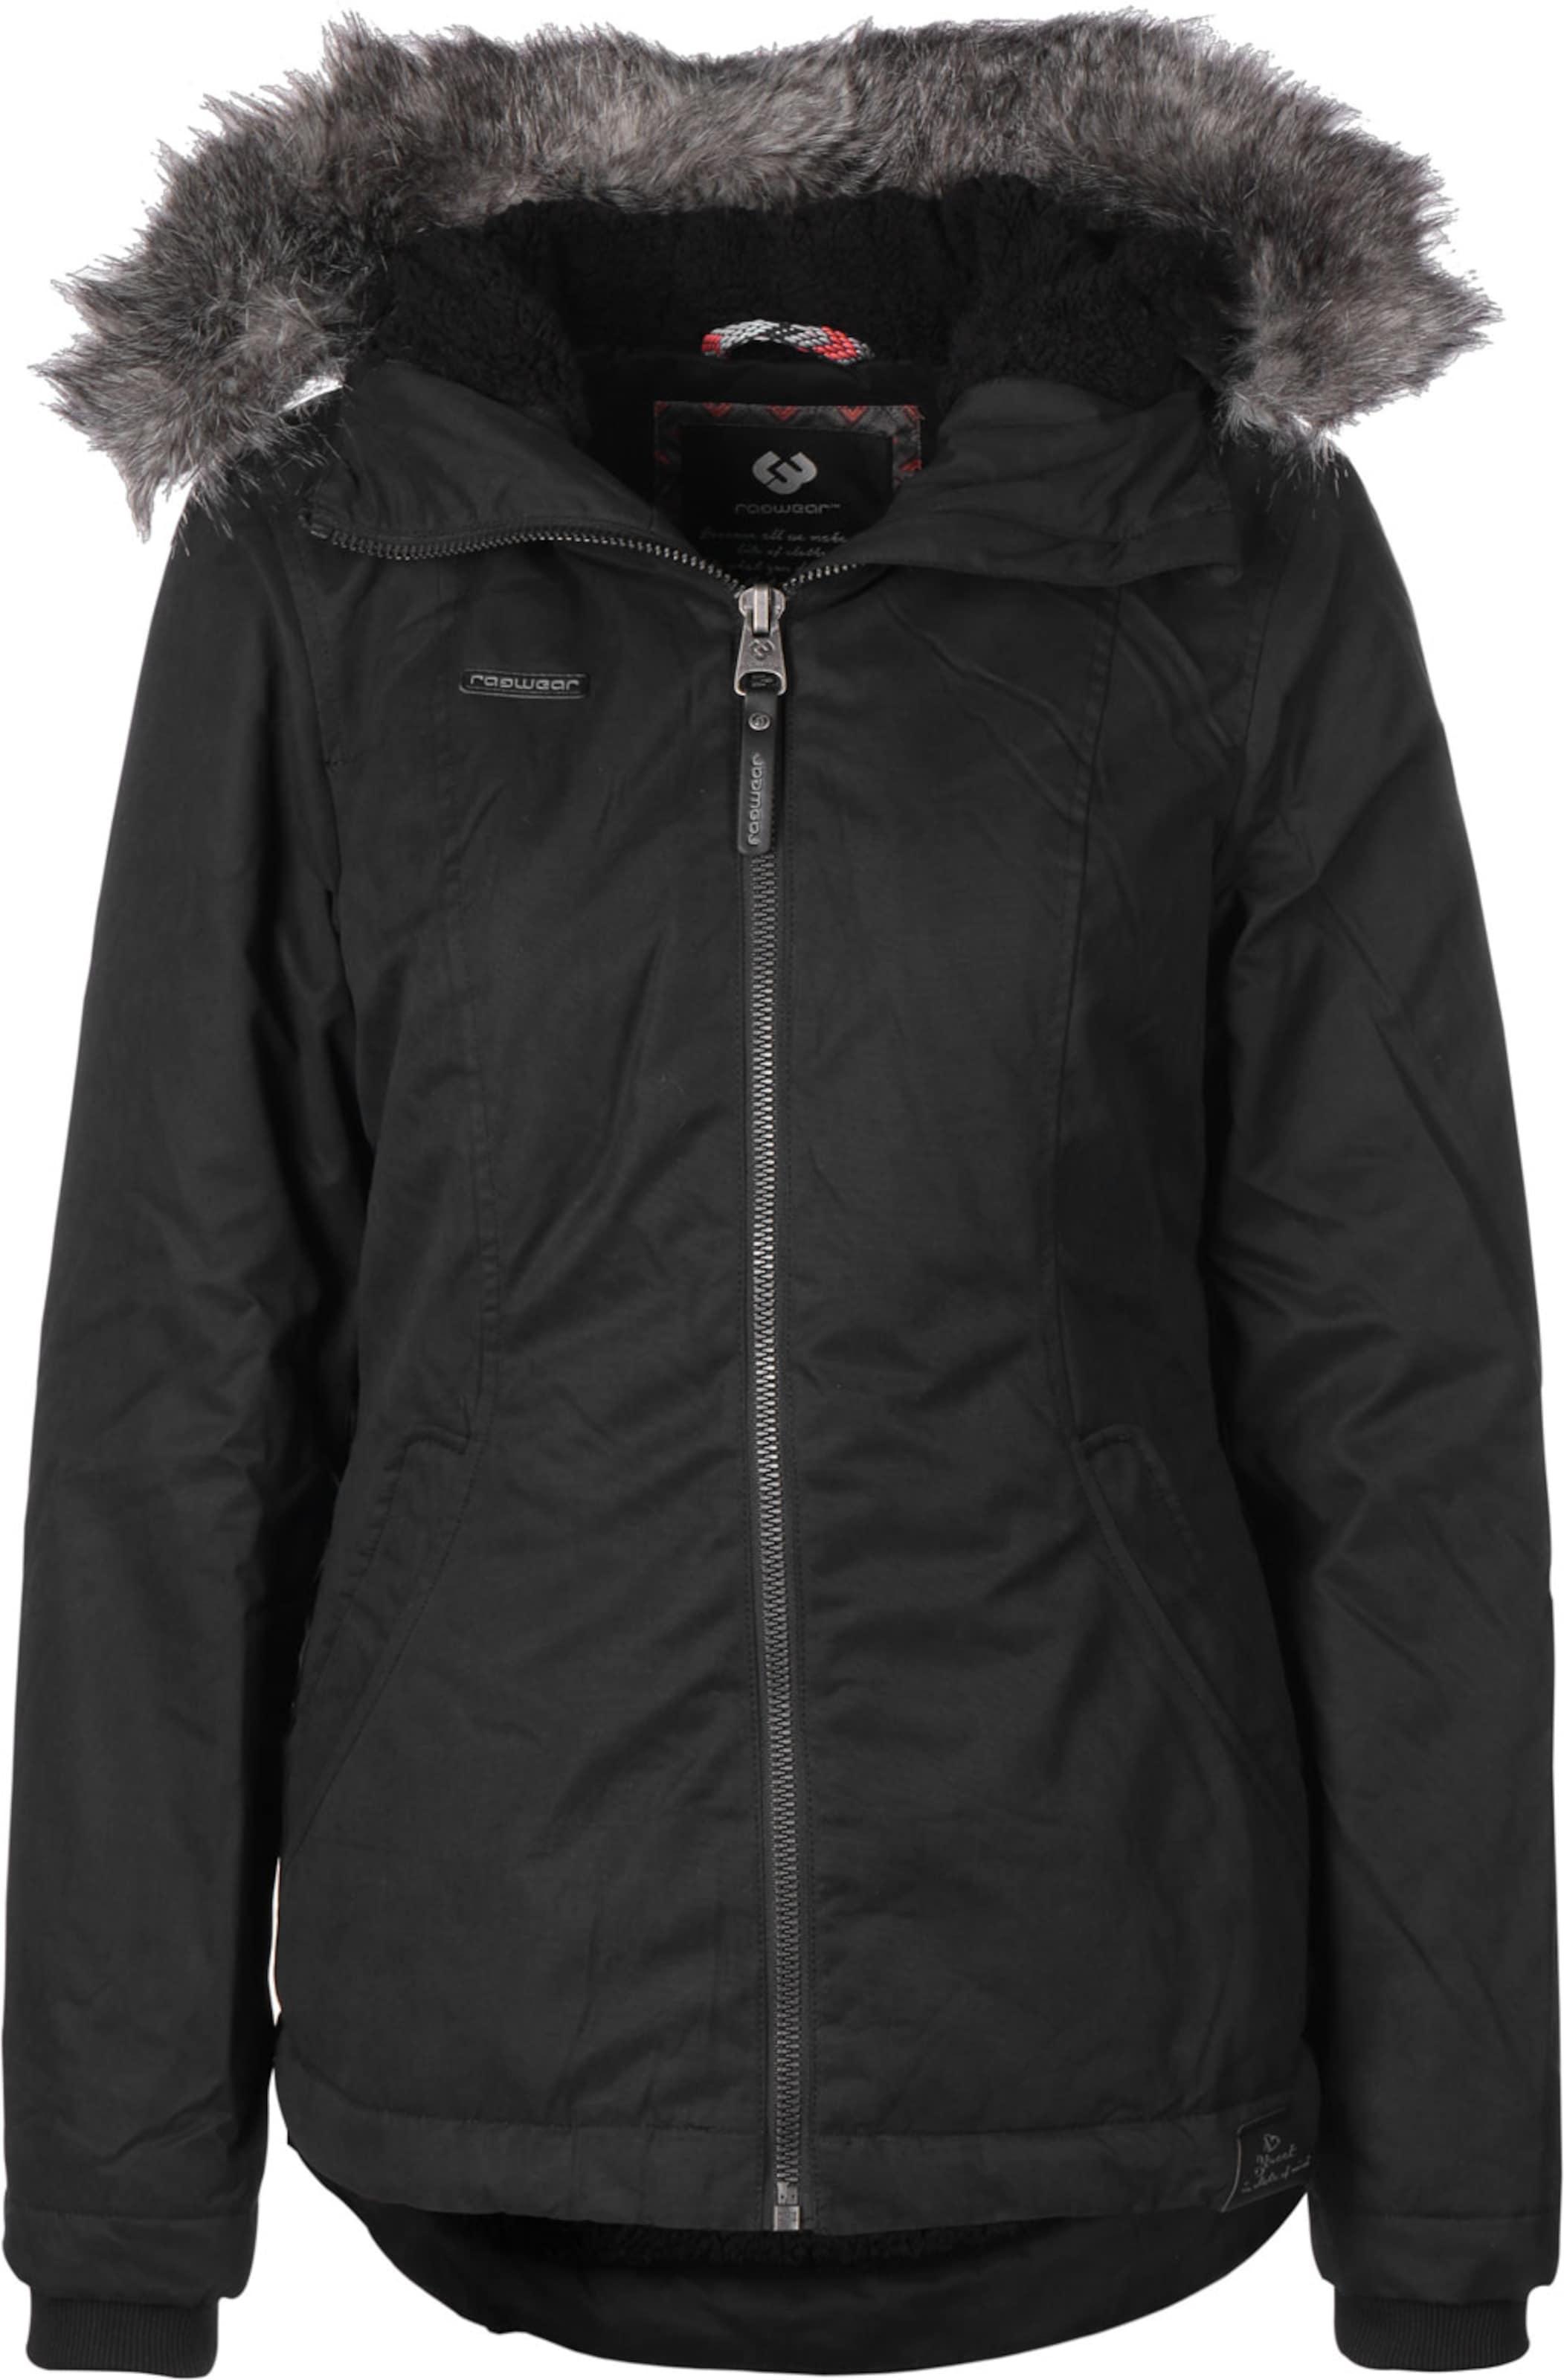 'shortcut' HellgrauSchwarz Ragwear Jacke In H9WID2E